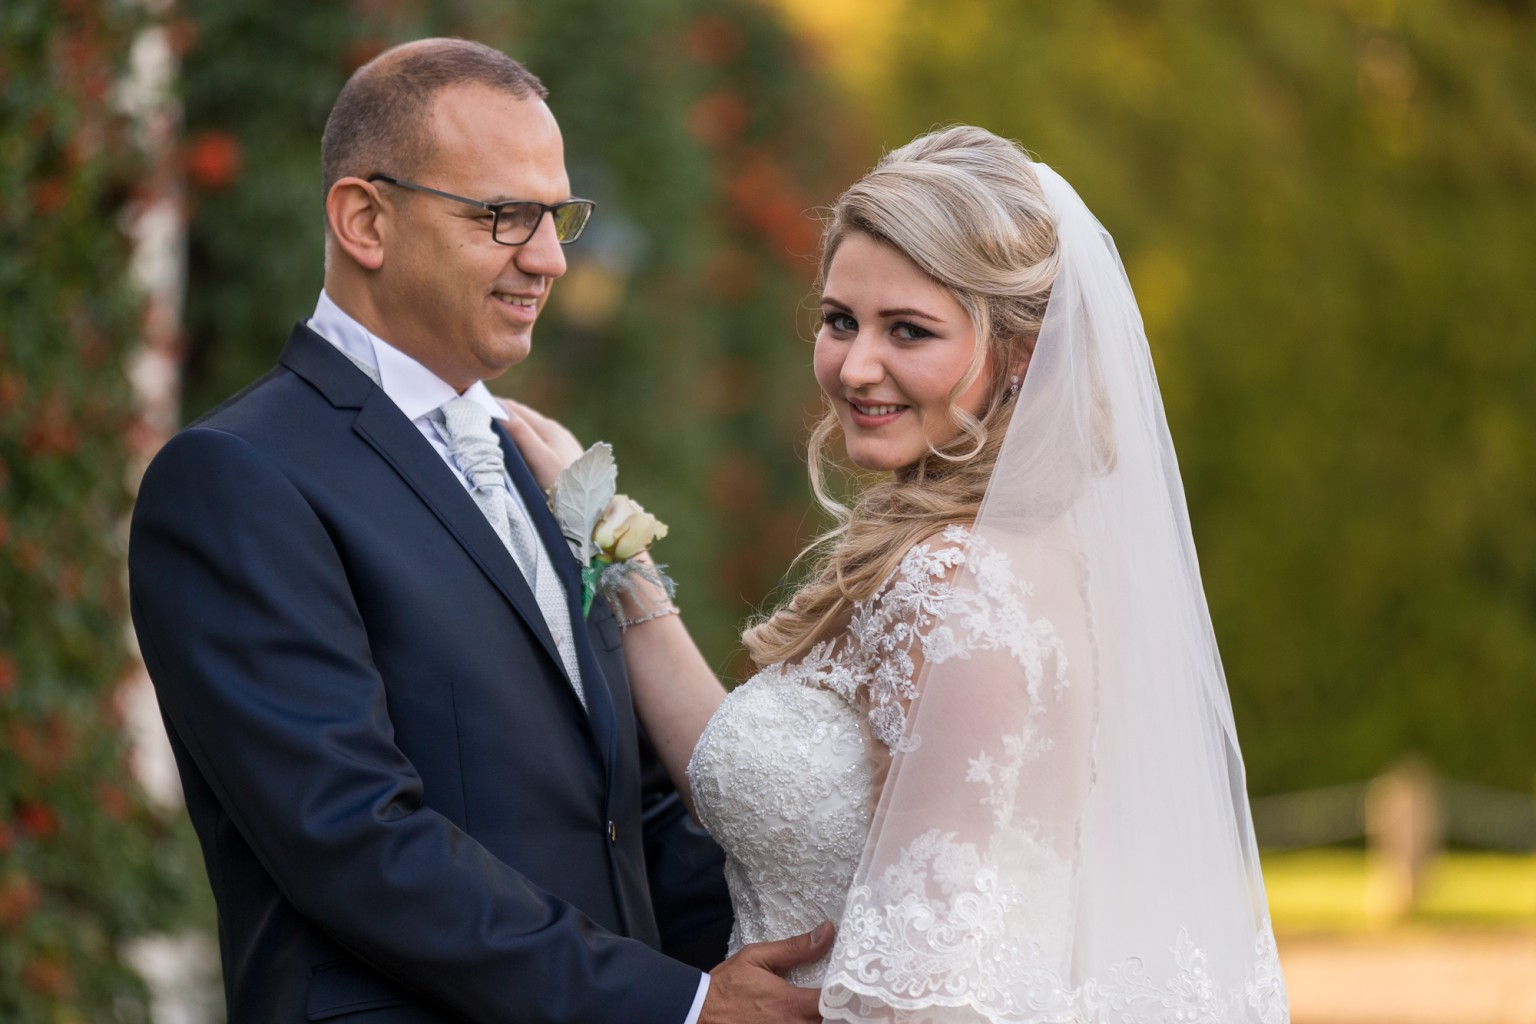 First look at Engelenburg Castle - Brummen - Wedding photographer Peter Lammers